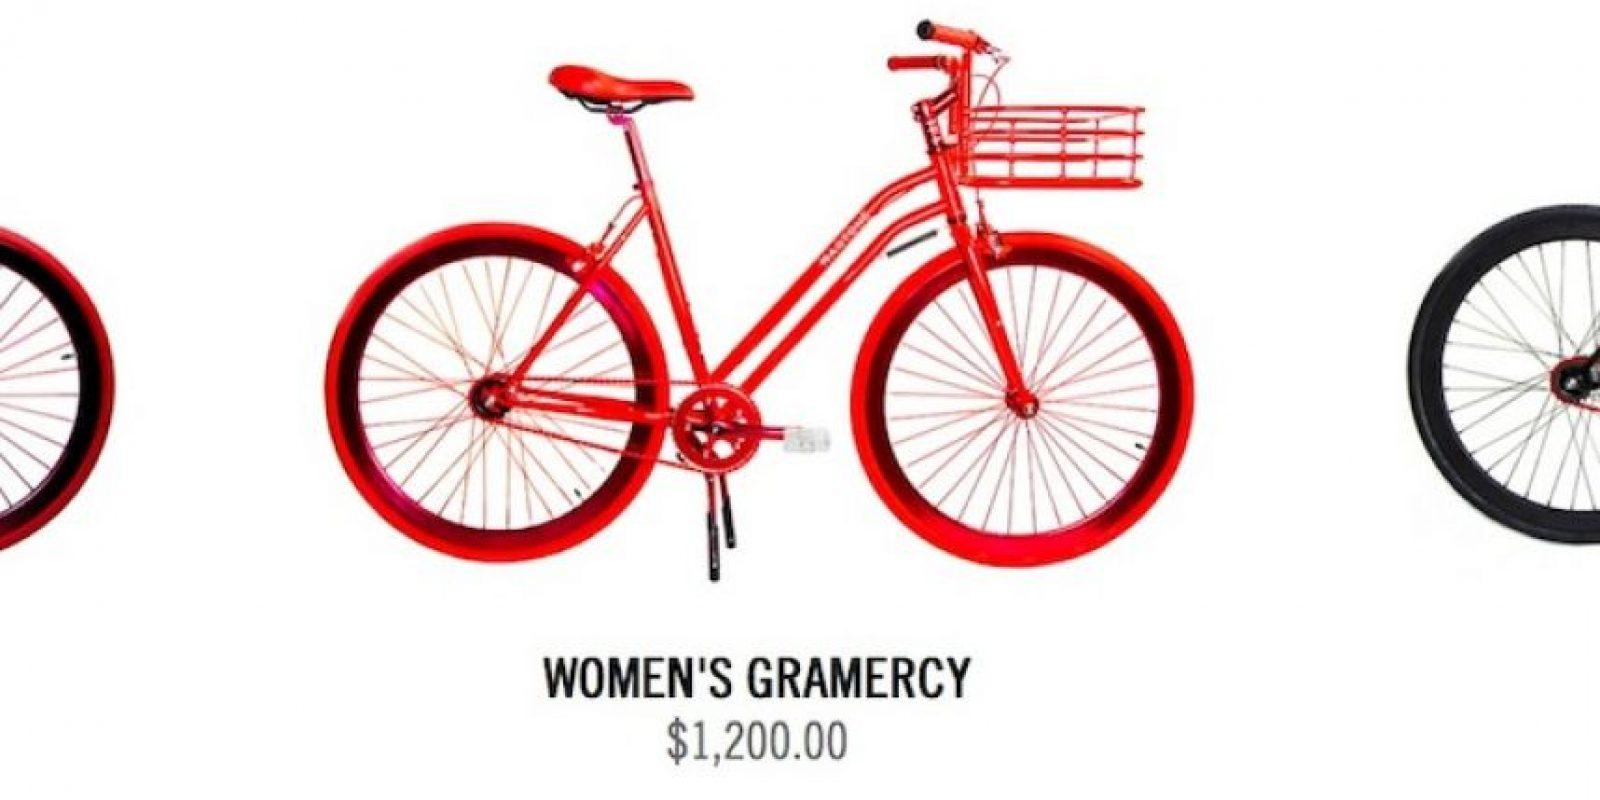 Una bicicleta de Martone Cycling de 1200 dólares Foto:Martone Cycling